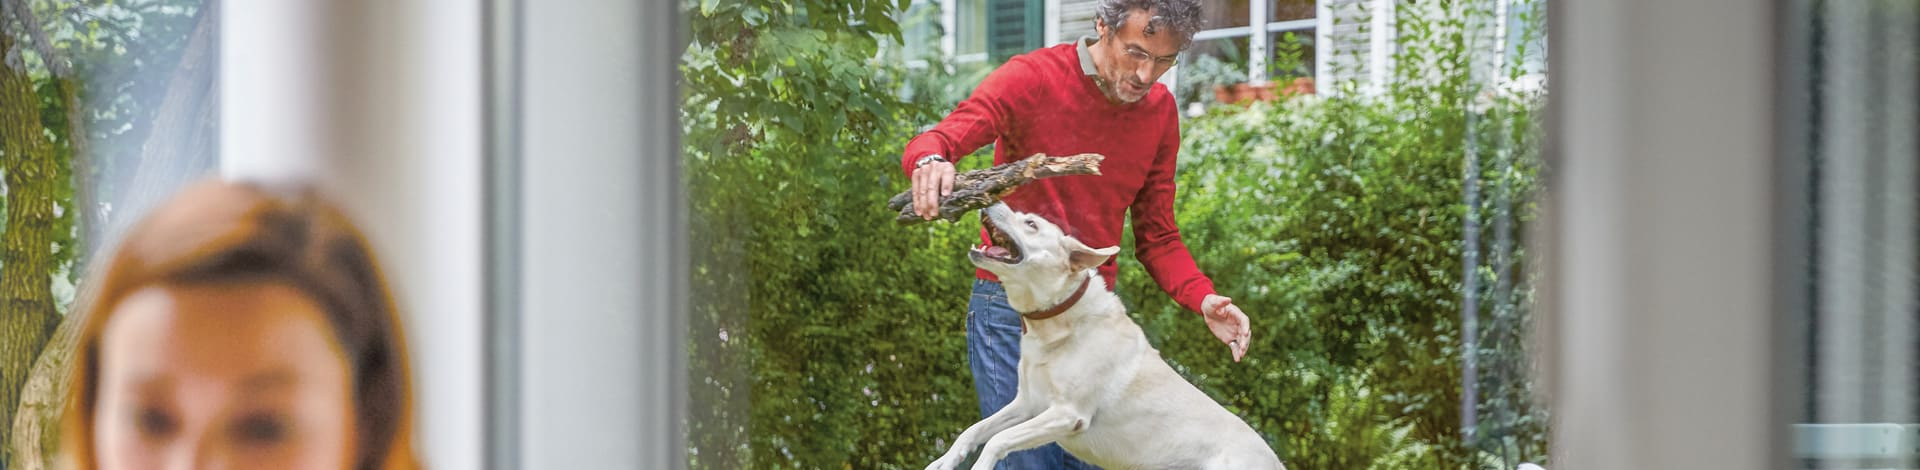 Assurance animaux - personne qui joue avec un chien